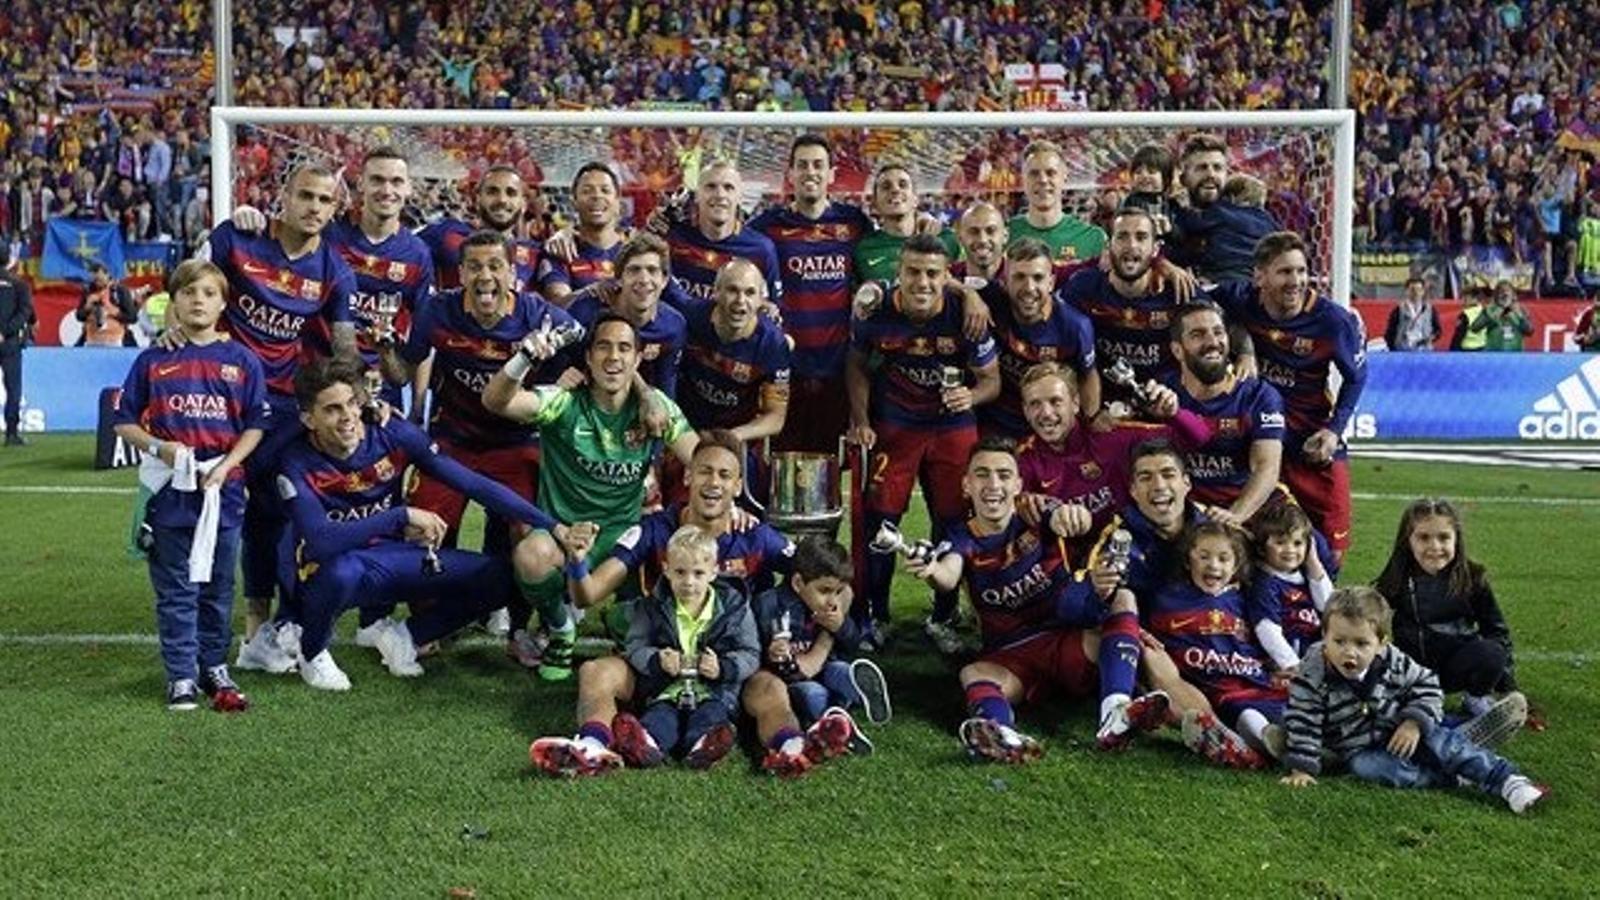 Els jugadors del Barça celebrant la victòria a la Copa del Rei